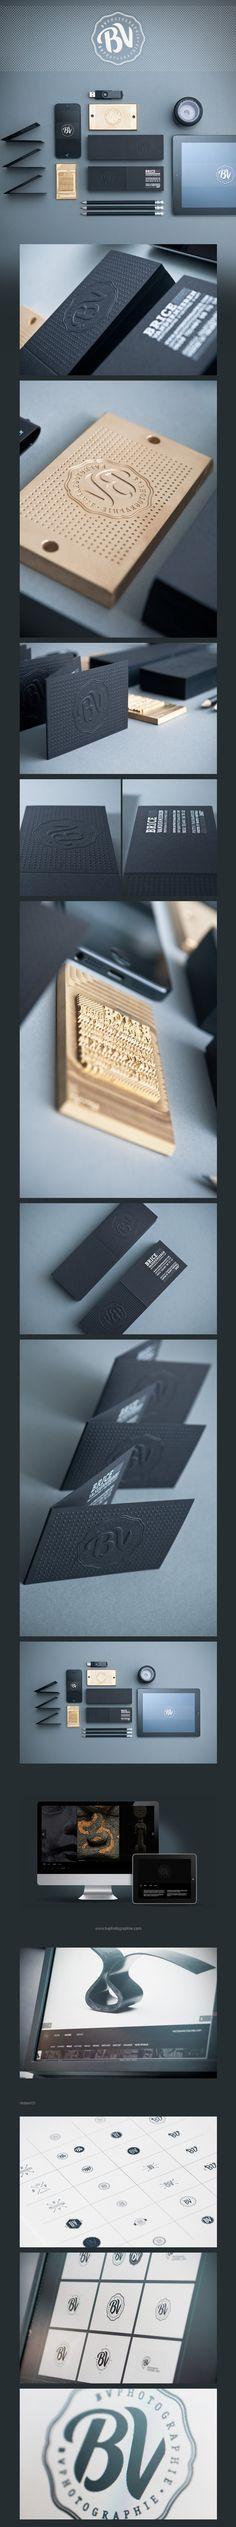 Brice Vandermeeren identity | Designer: Ink Studio | #stationary #corporate #design #corporatedesign #identity #branding #marketing repinned by www.BlickeDeeler.de | Visit our website: www.blickedeeler.de/leistungen/corporate-design